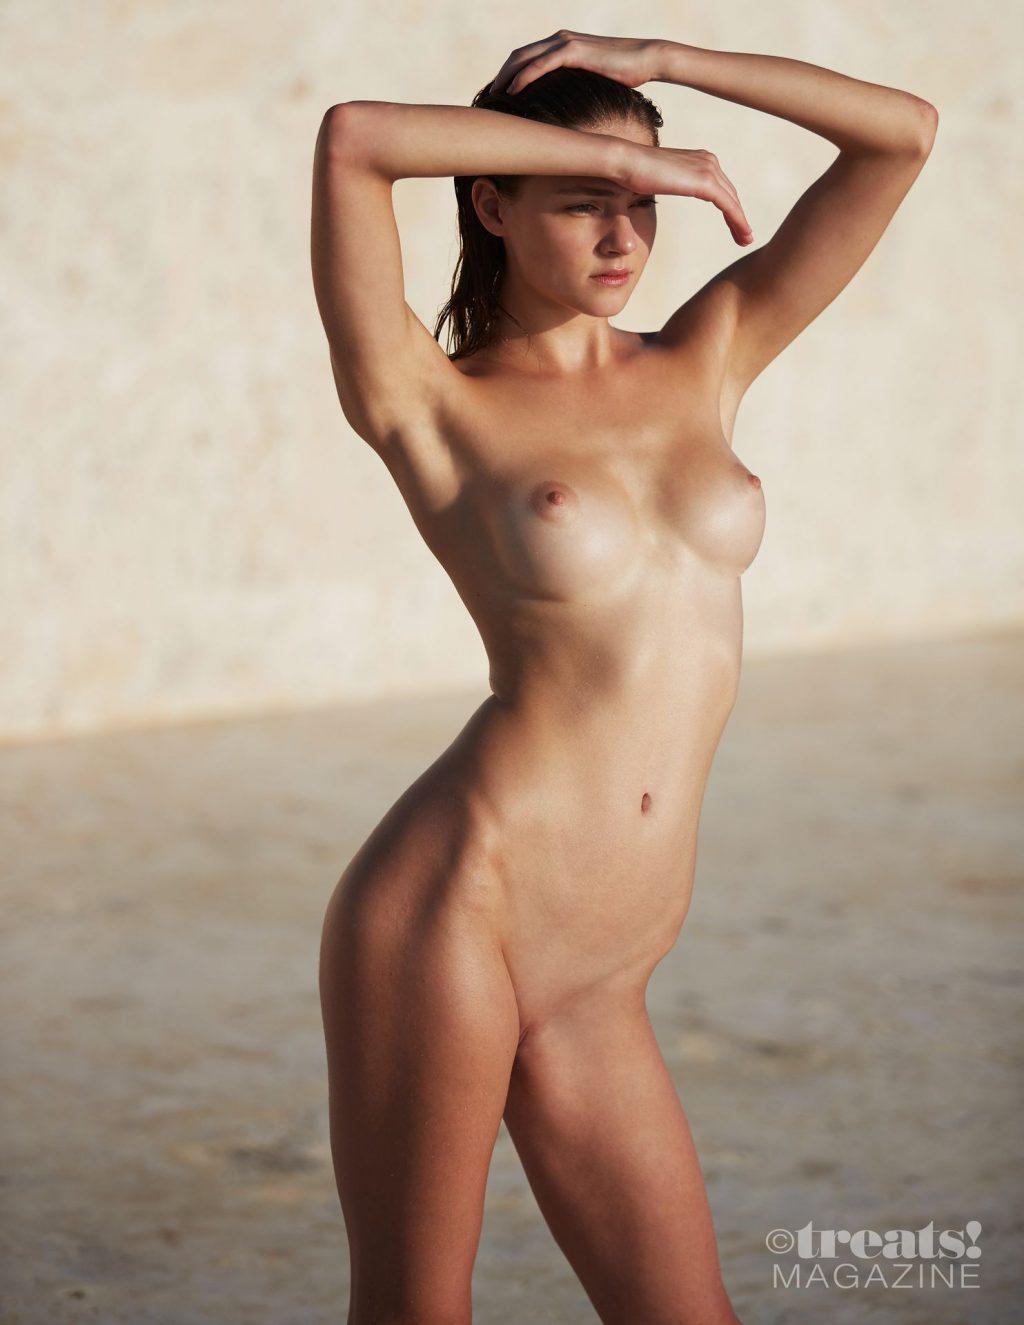 Vika Levina Nude – Treats! (18 Photos)